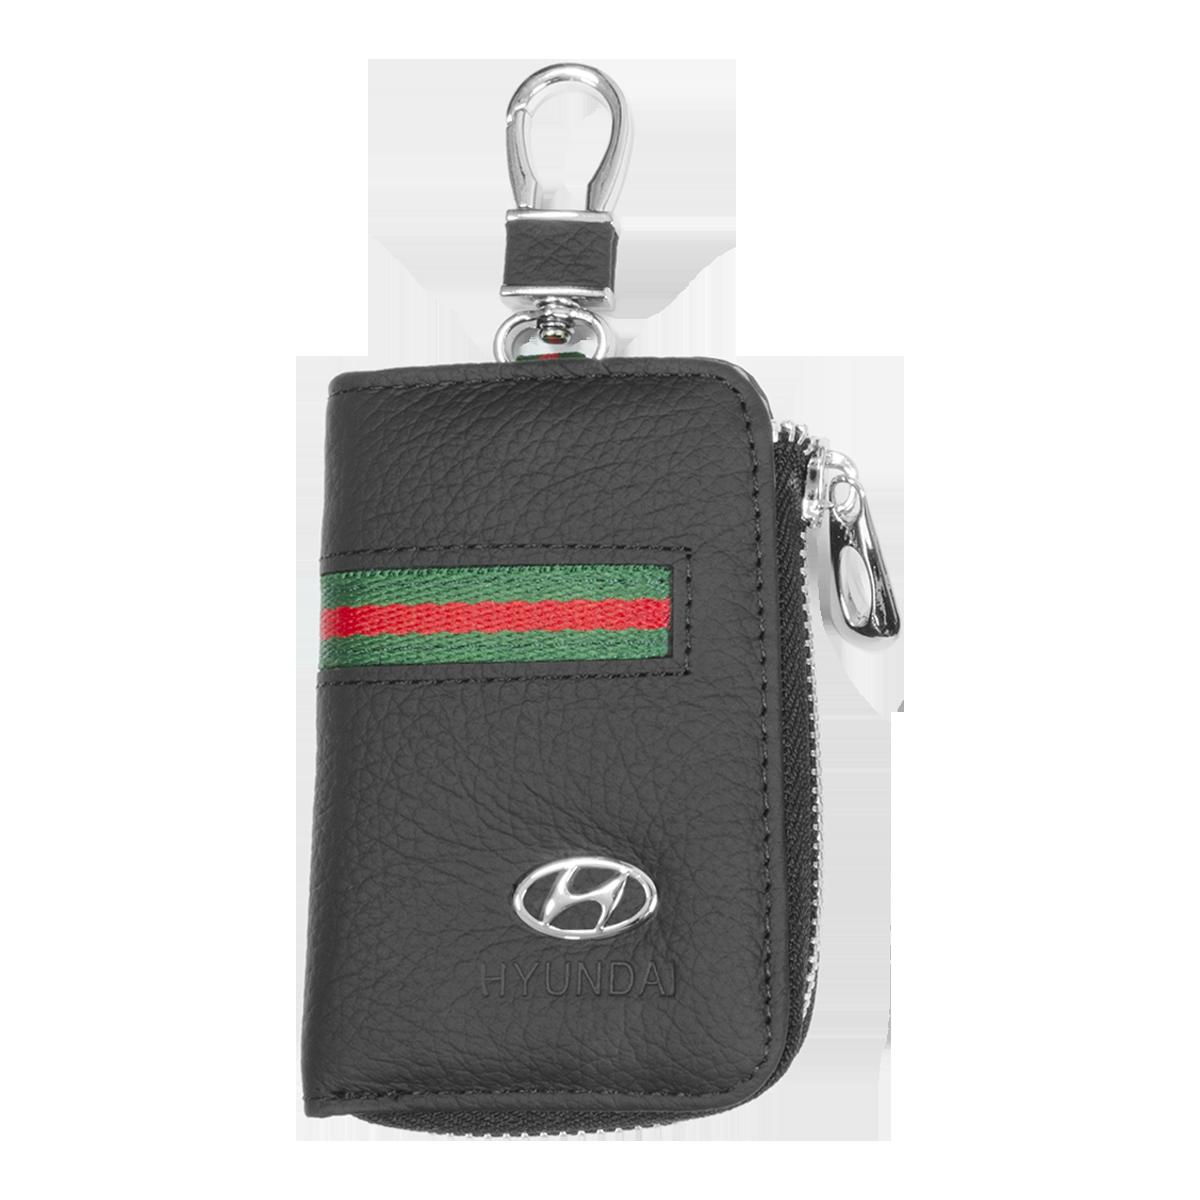 Ключниця Carss з логотипом HYUNDAI 10012 багатофункціональна чорна